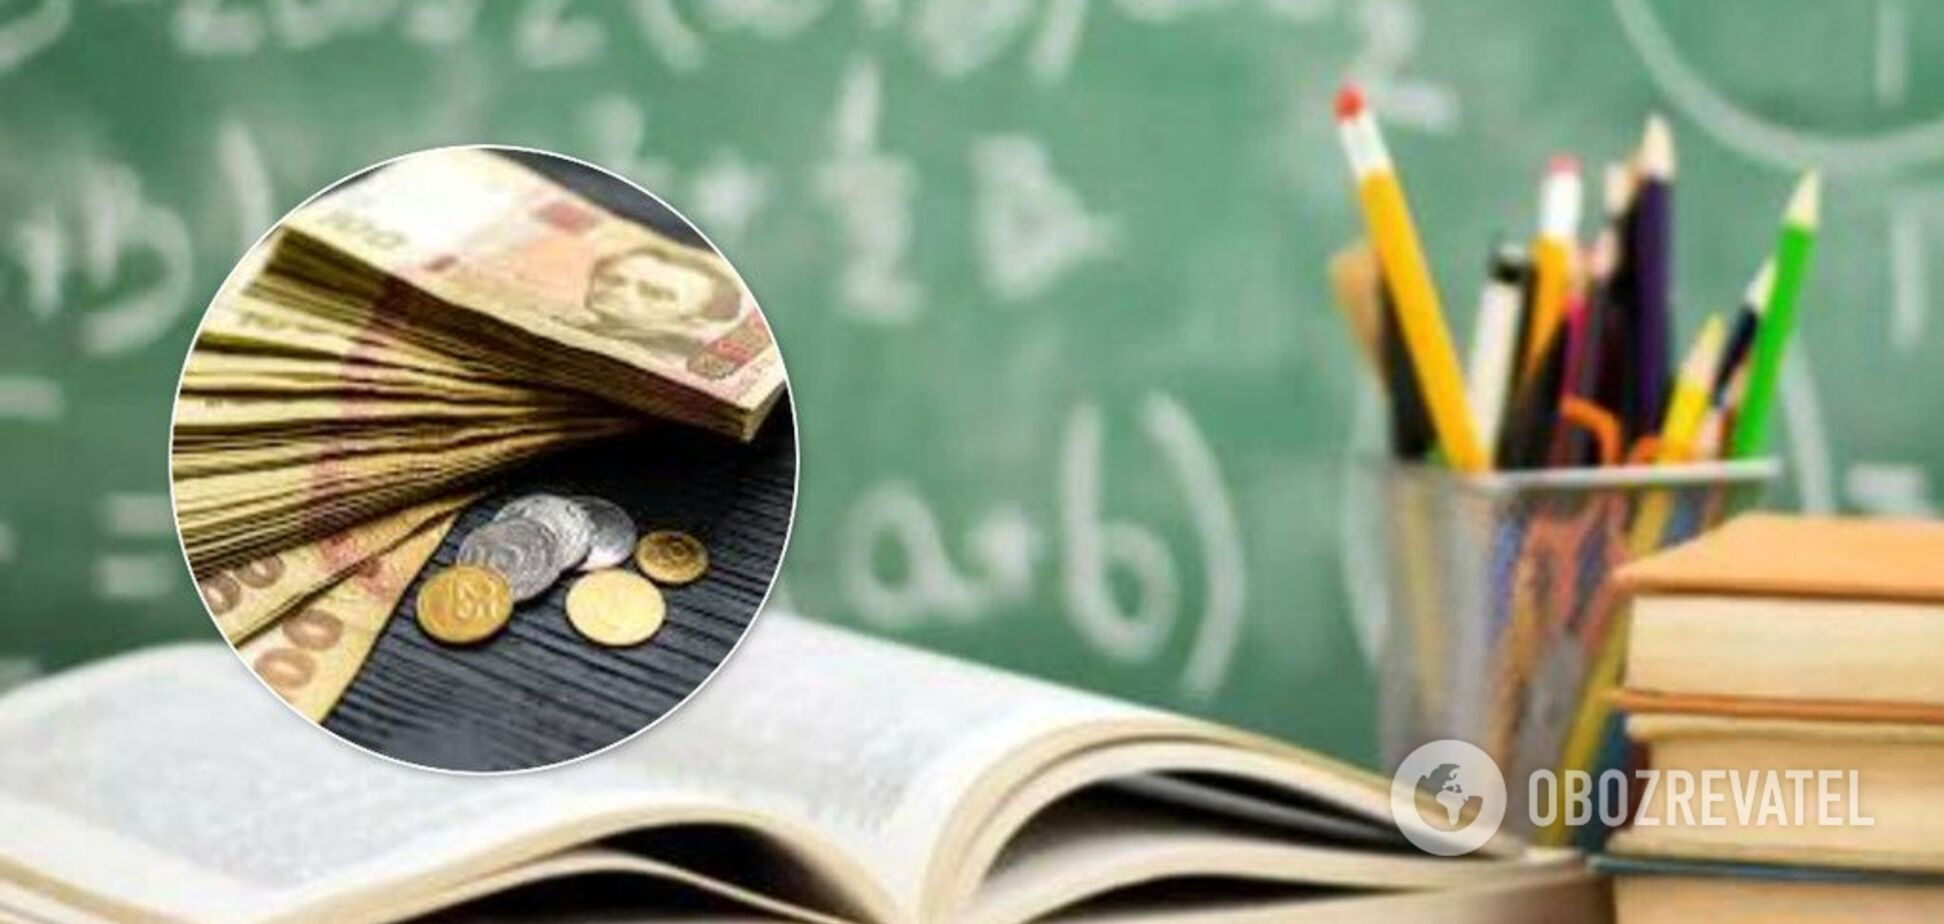 Вчителям платитимуть за реальну кількість учнів: Новосад озвучила остаточне рішення